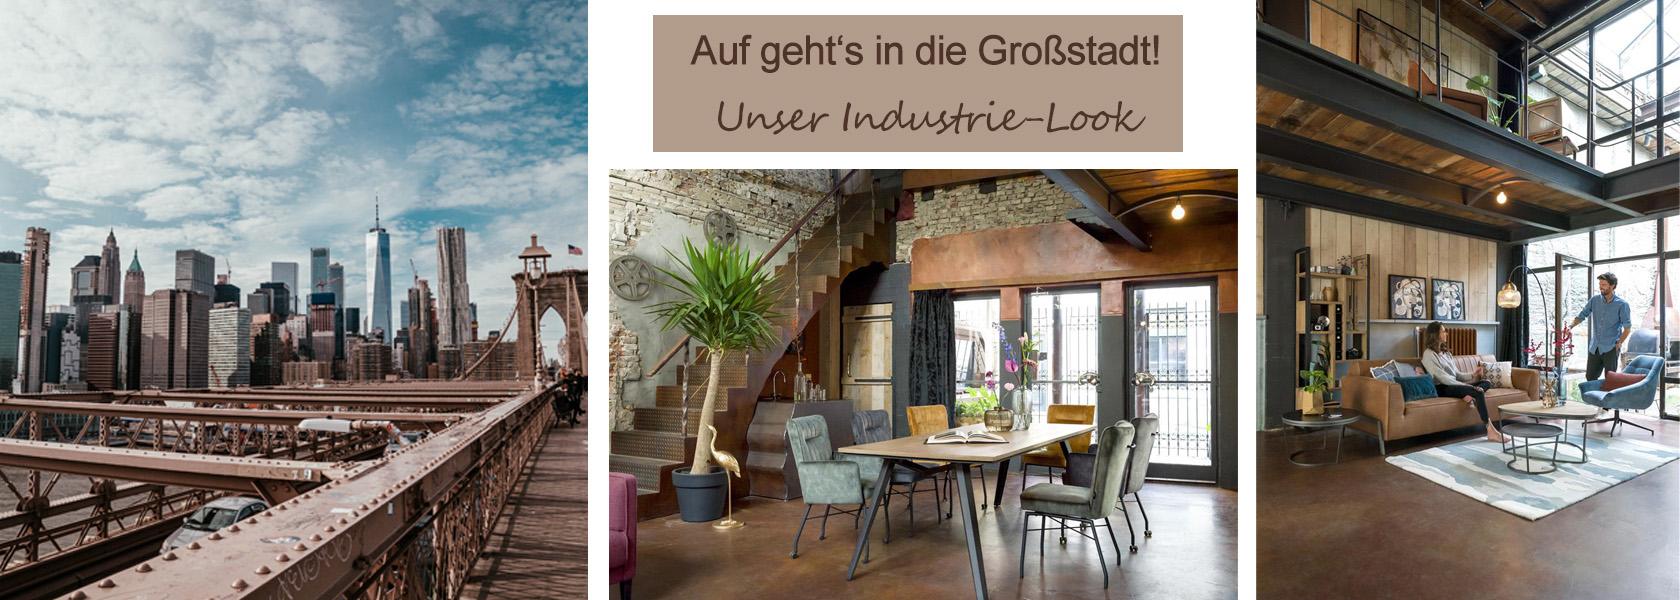 Industrie Look